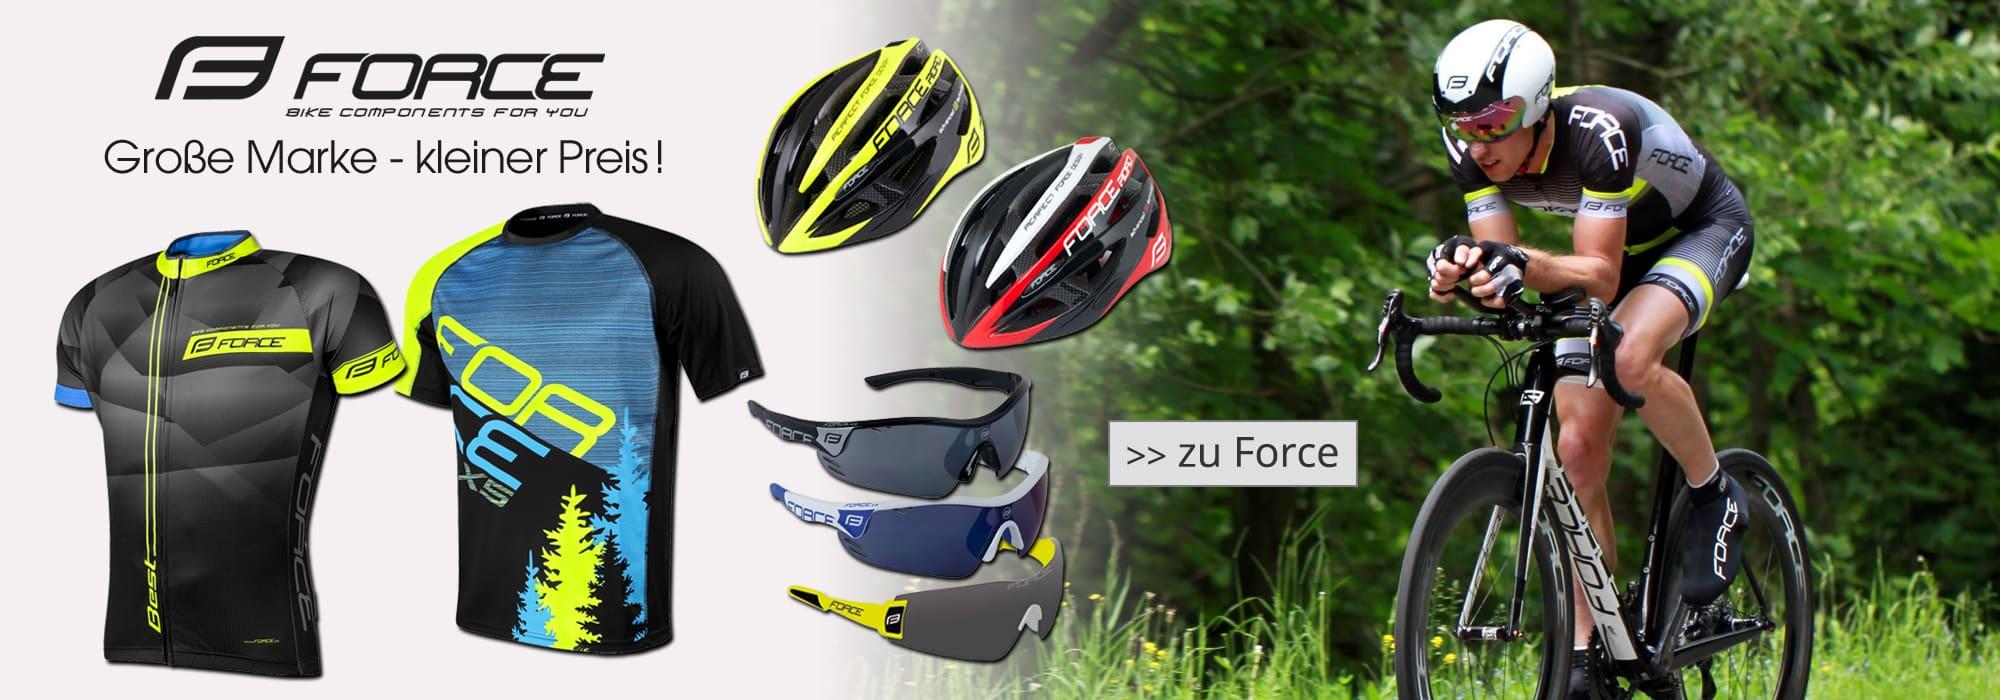 Force Fahrradbekleidung & Zubehör